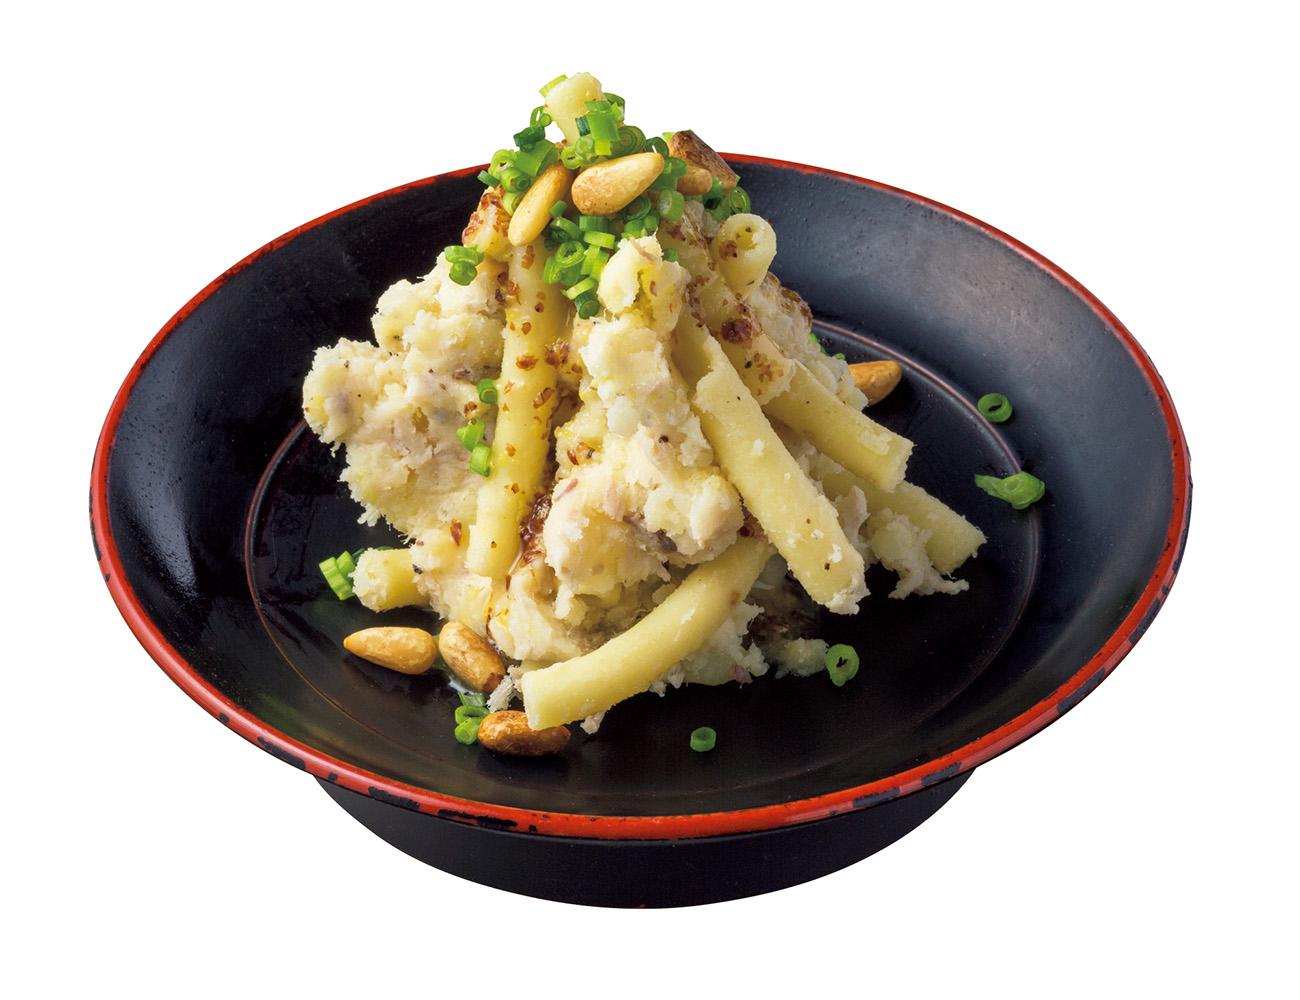 特製マカロニポテサラ¥600には魚のコンフィ入り。